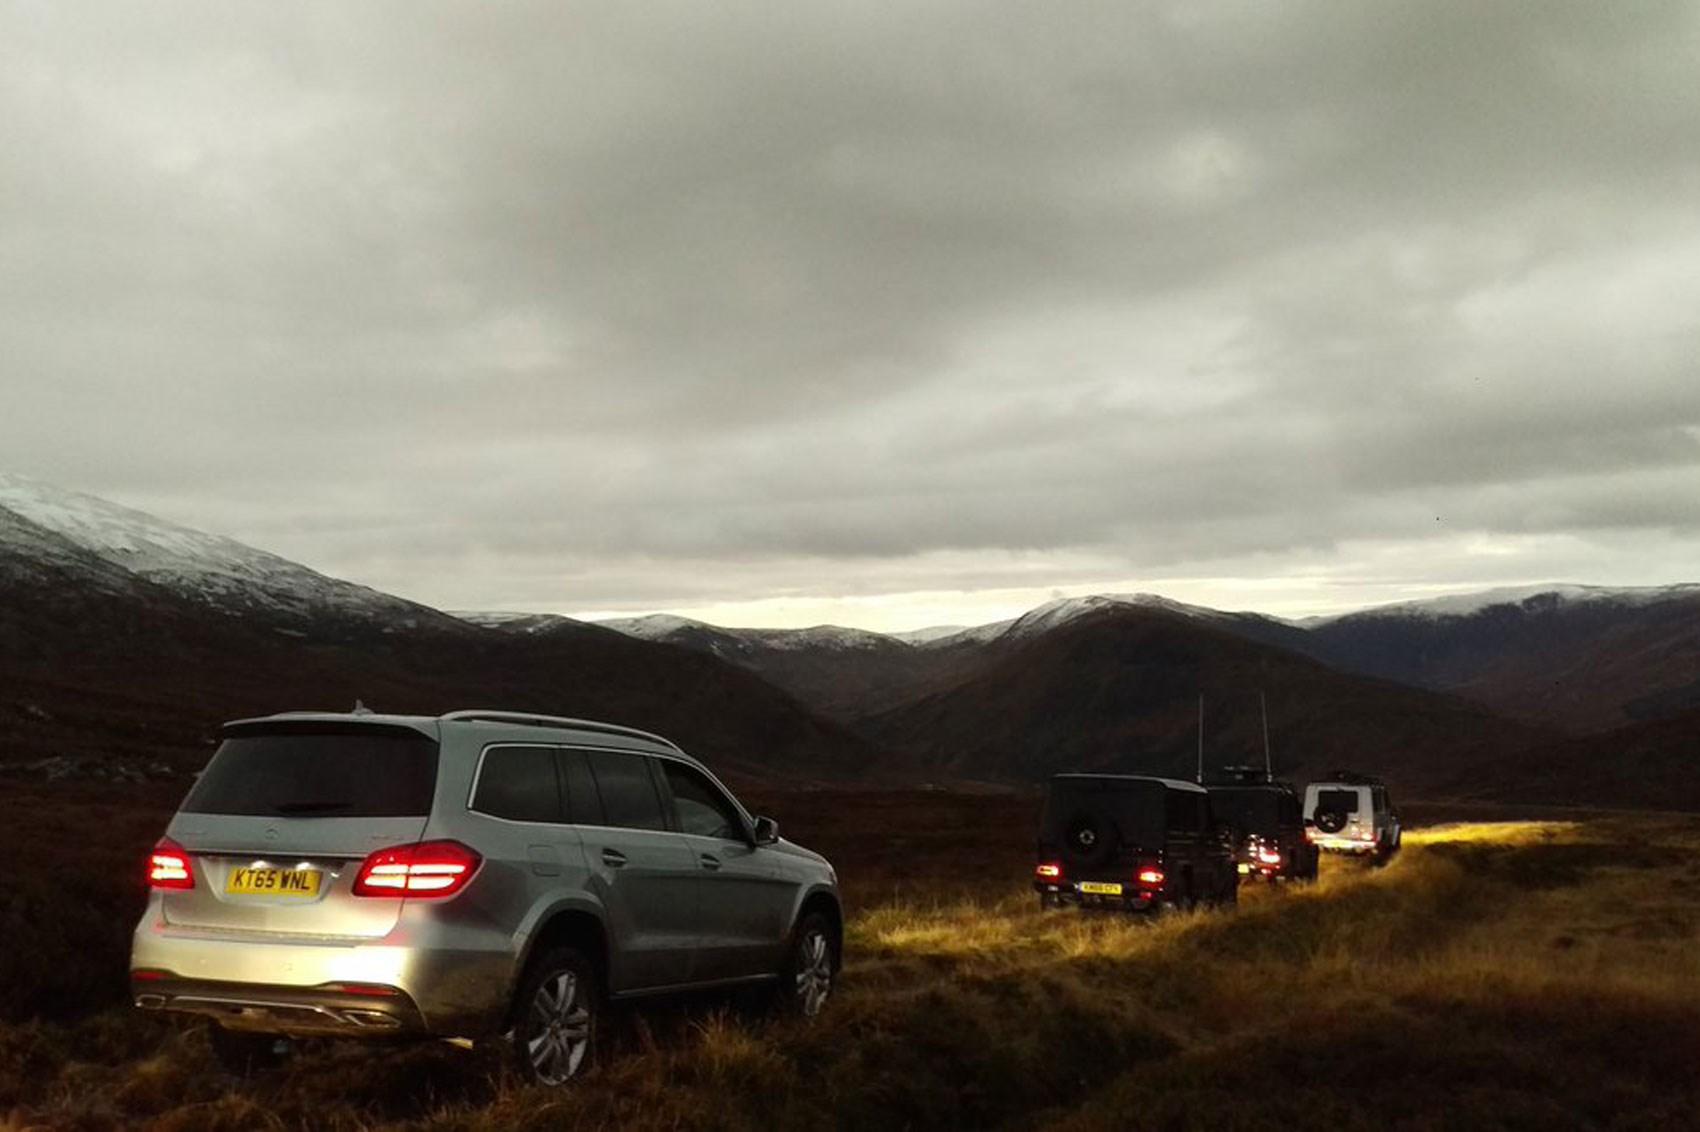 Mercedes-Benz GLS off-road